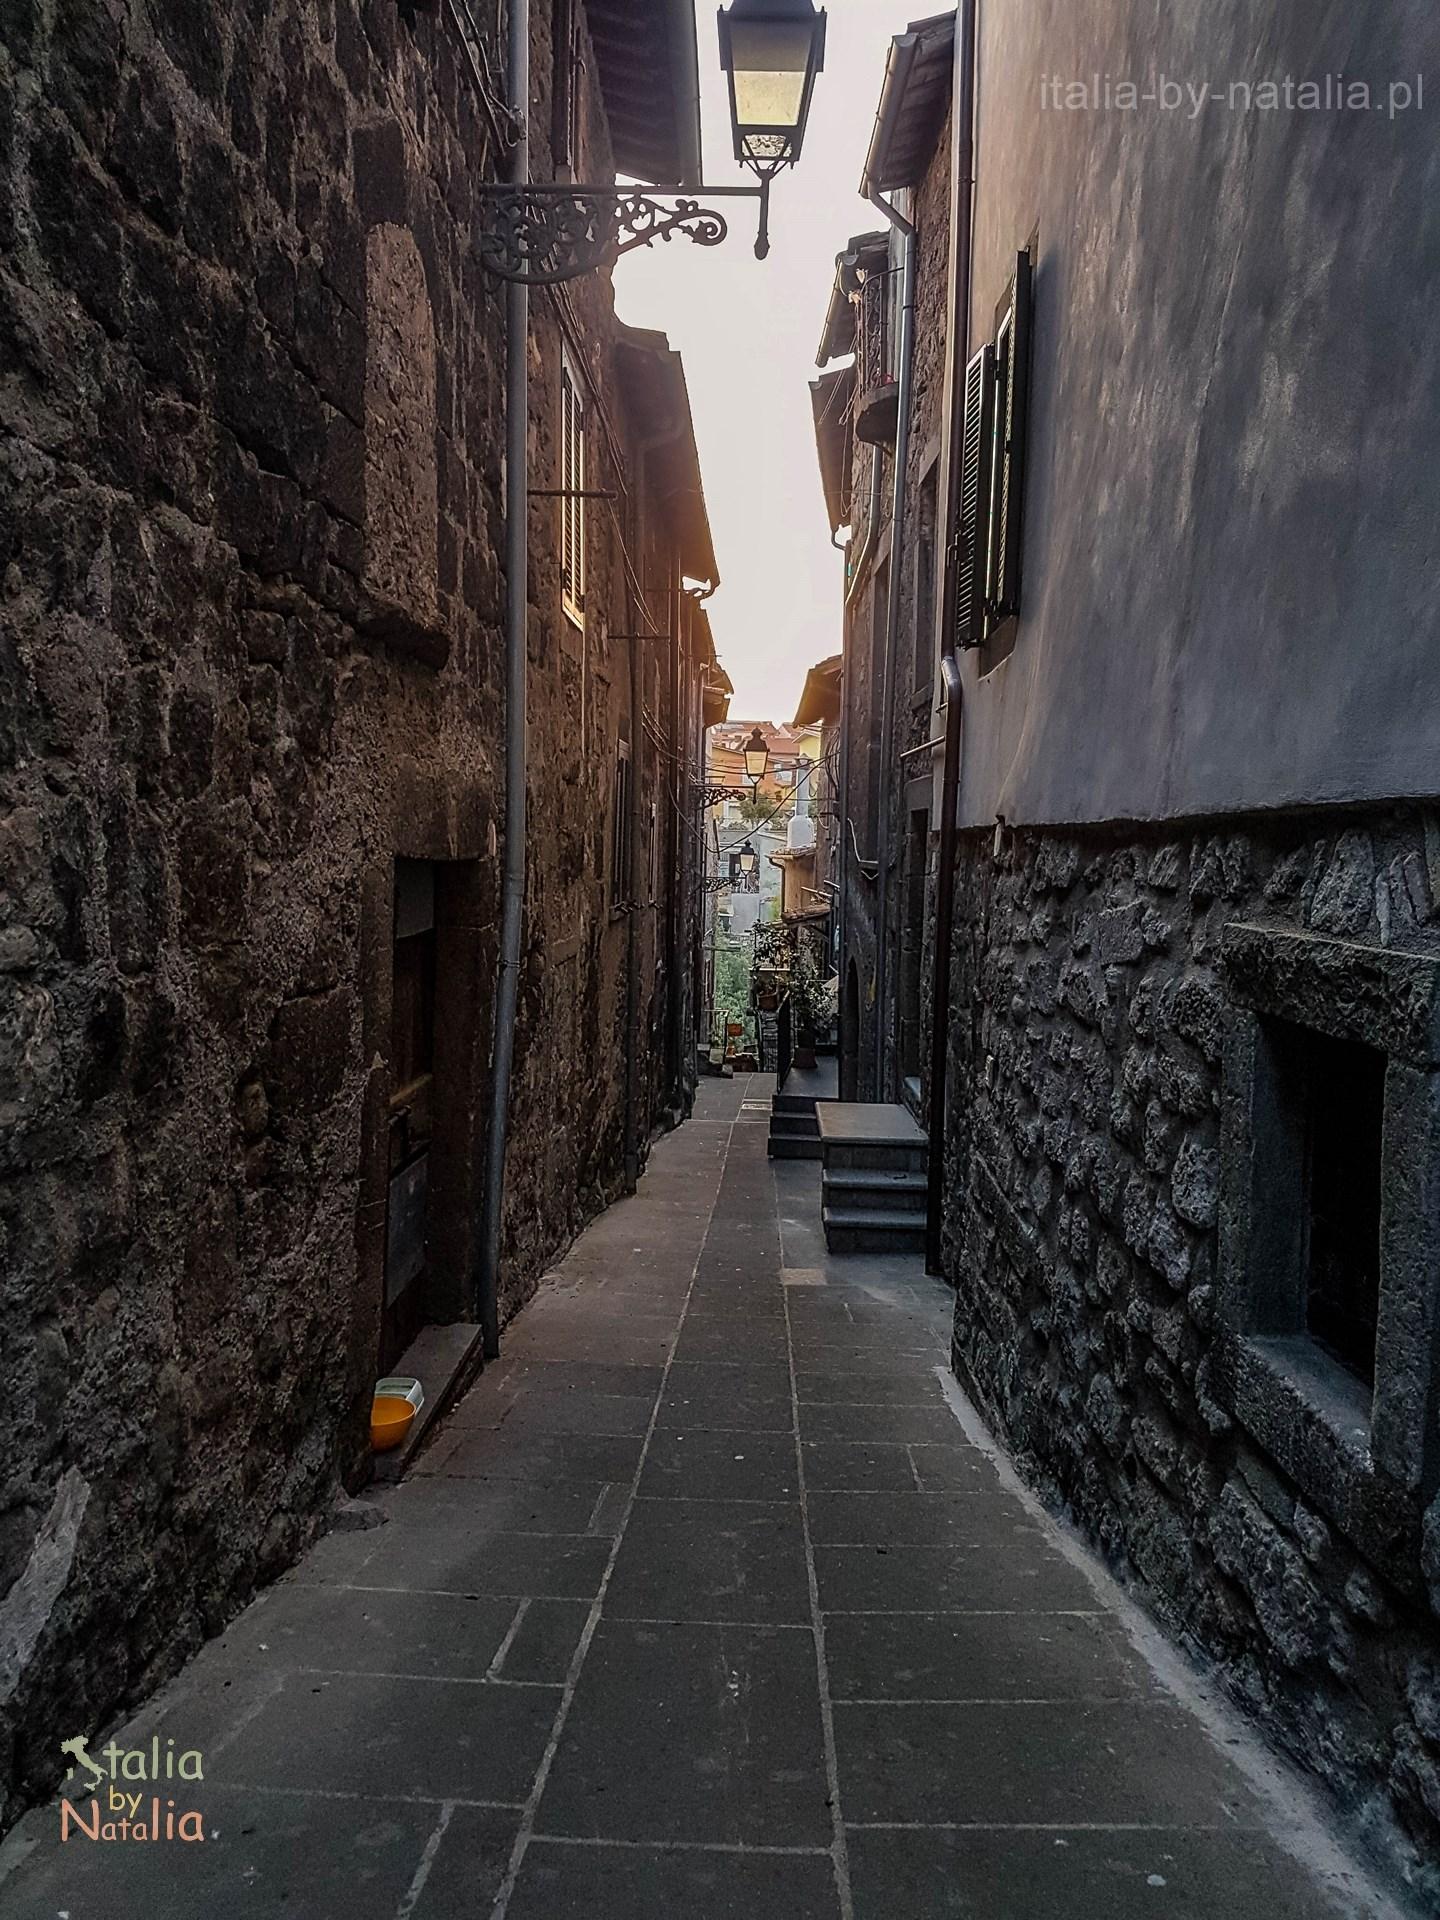 Vitorchiano Lacjum miasteczko na tufowej skale koło Rzymu